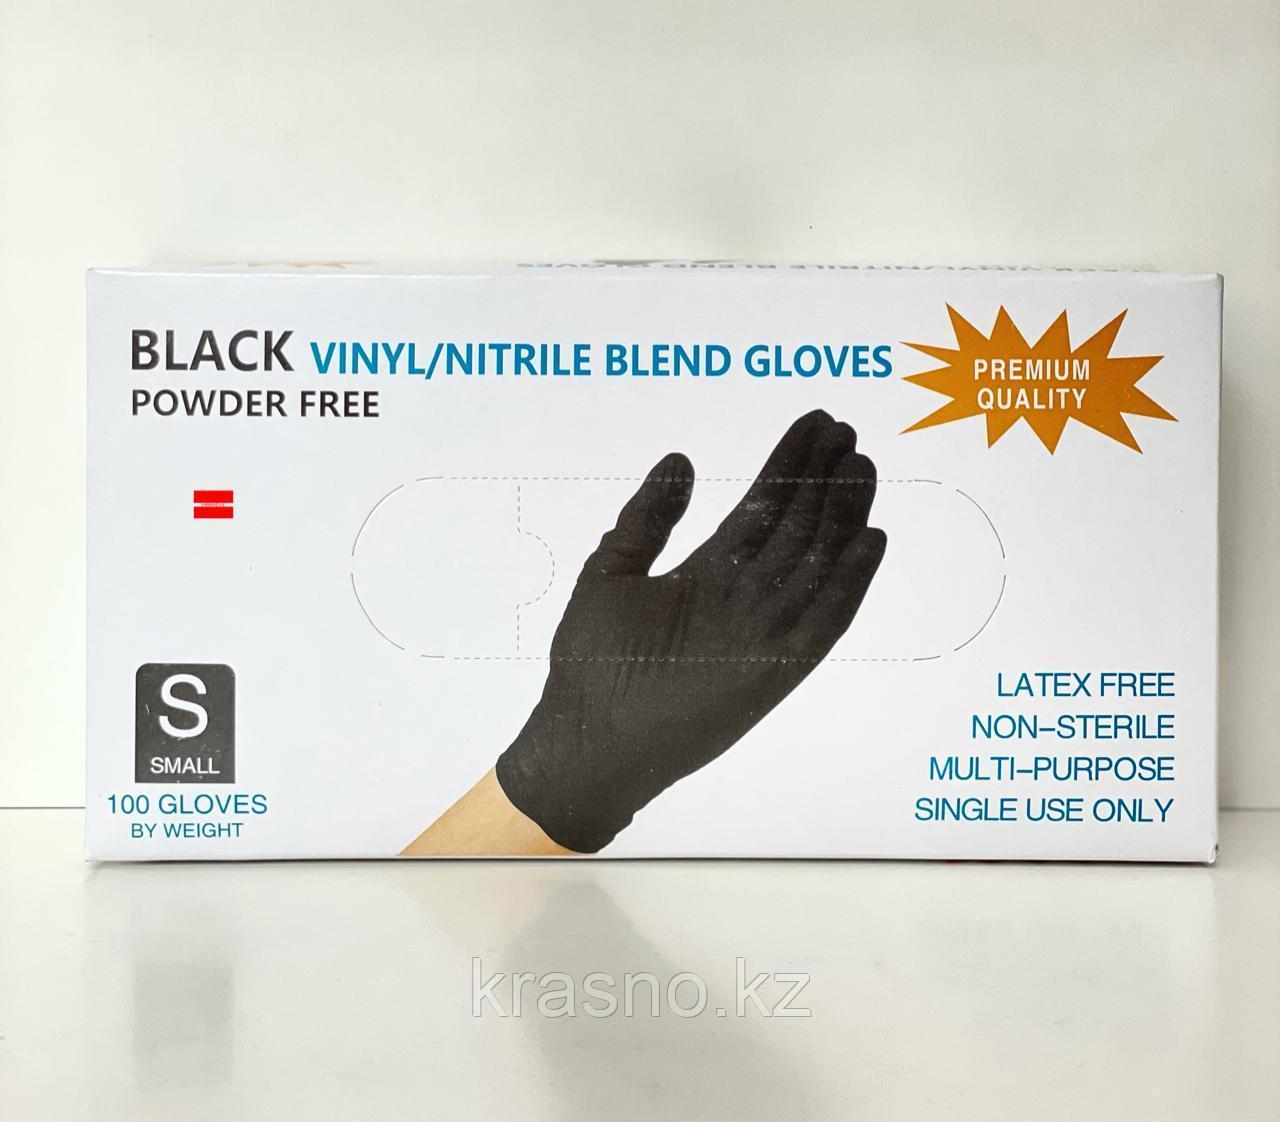 Перчатки S 100шт винило-нитрил Blend Gloves черные - фото 1